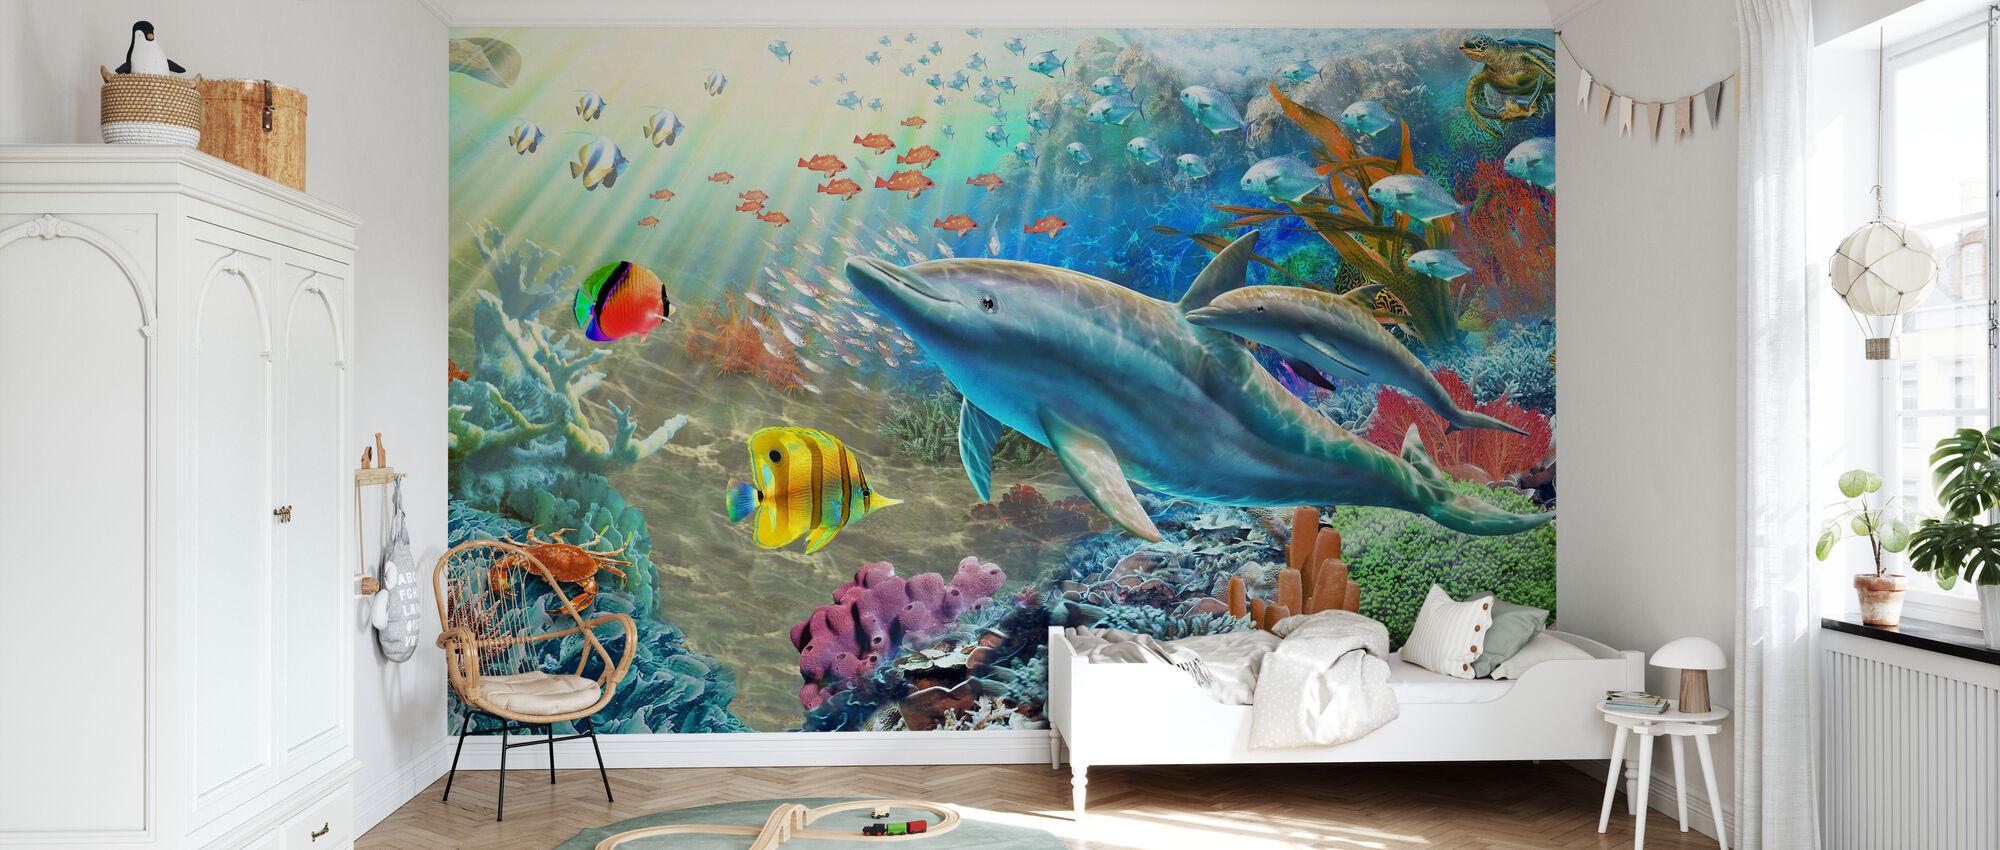 Land and Water Utopia II - Wallpaper - Kids Room